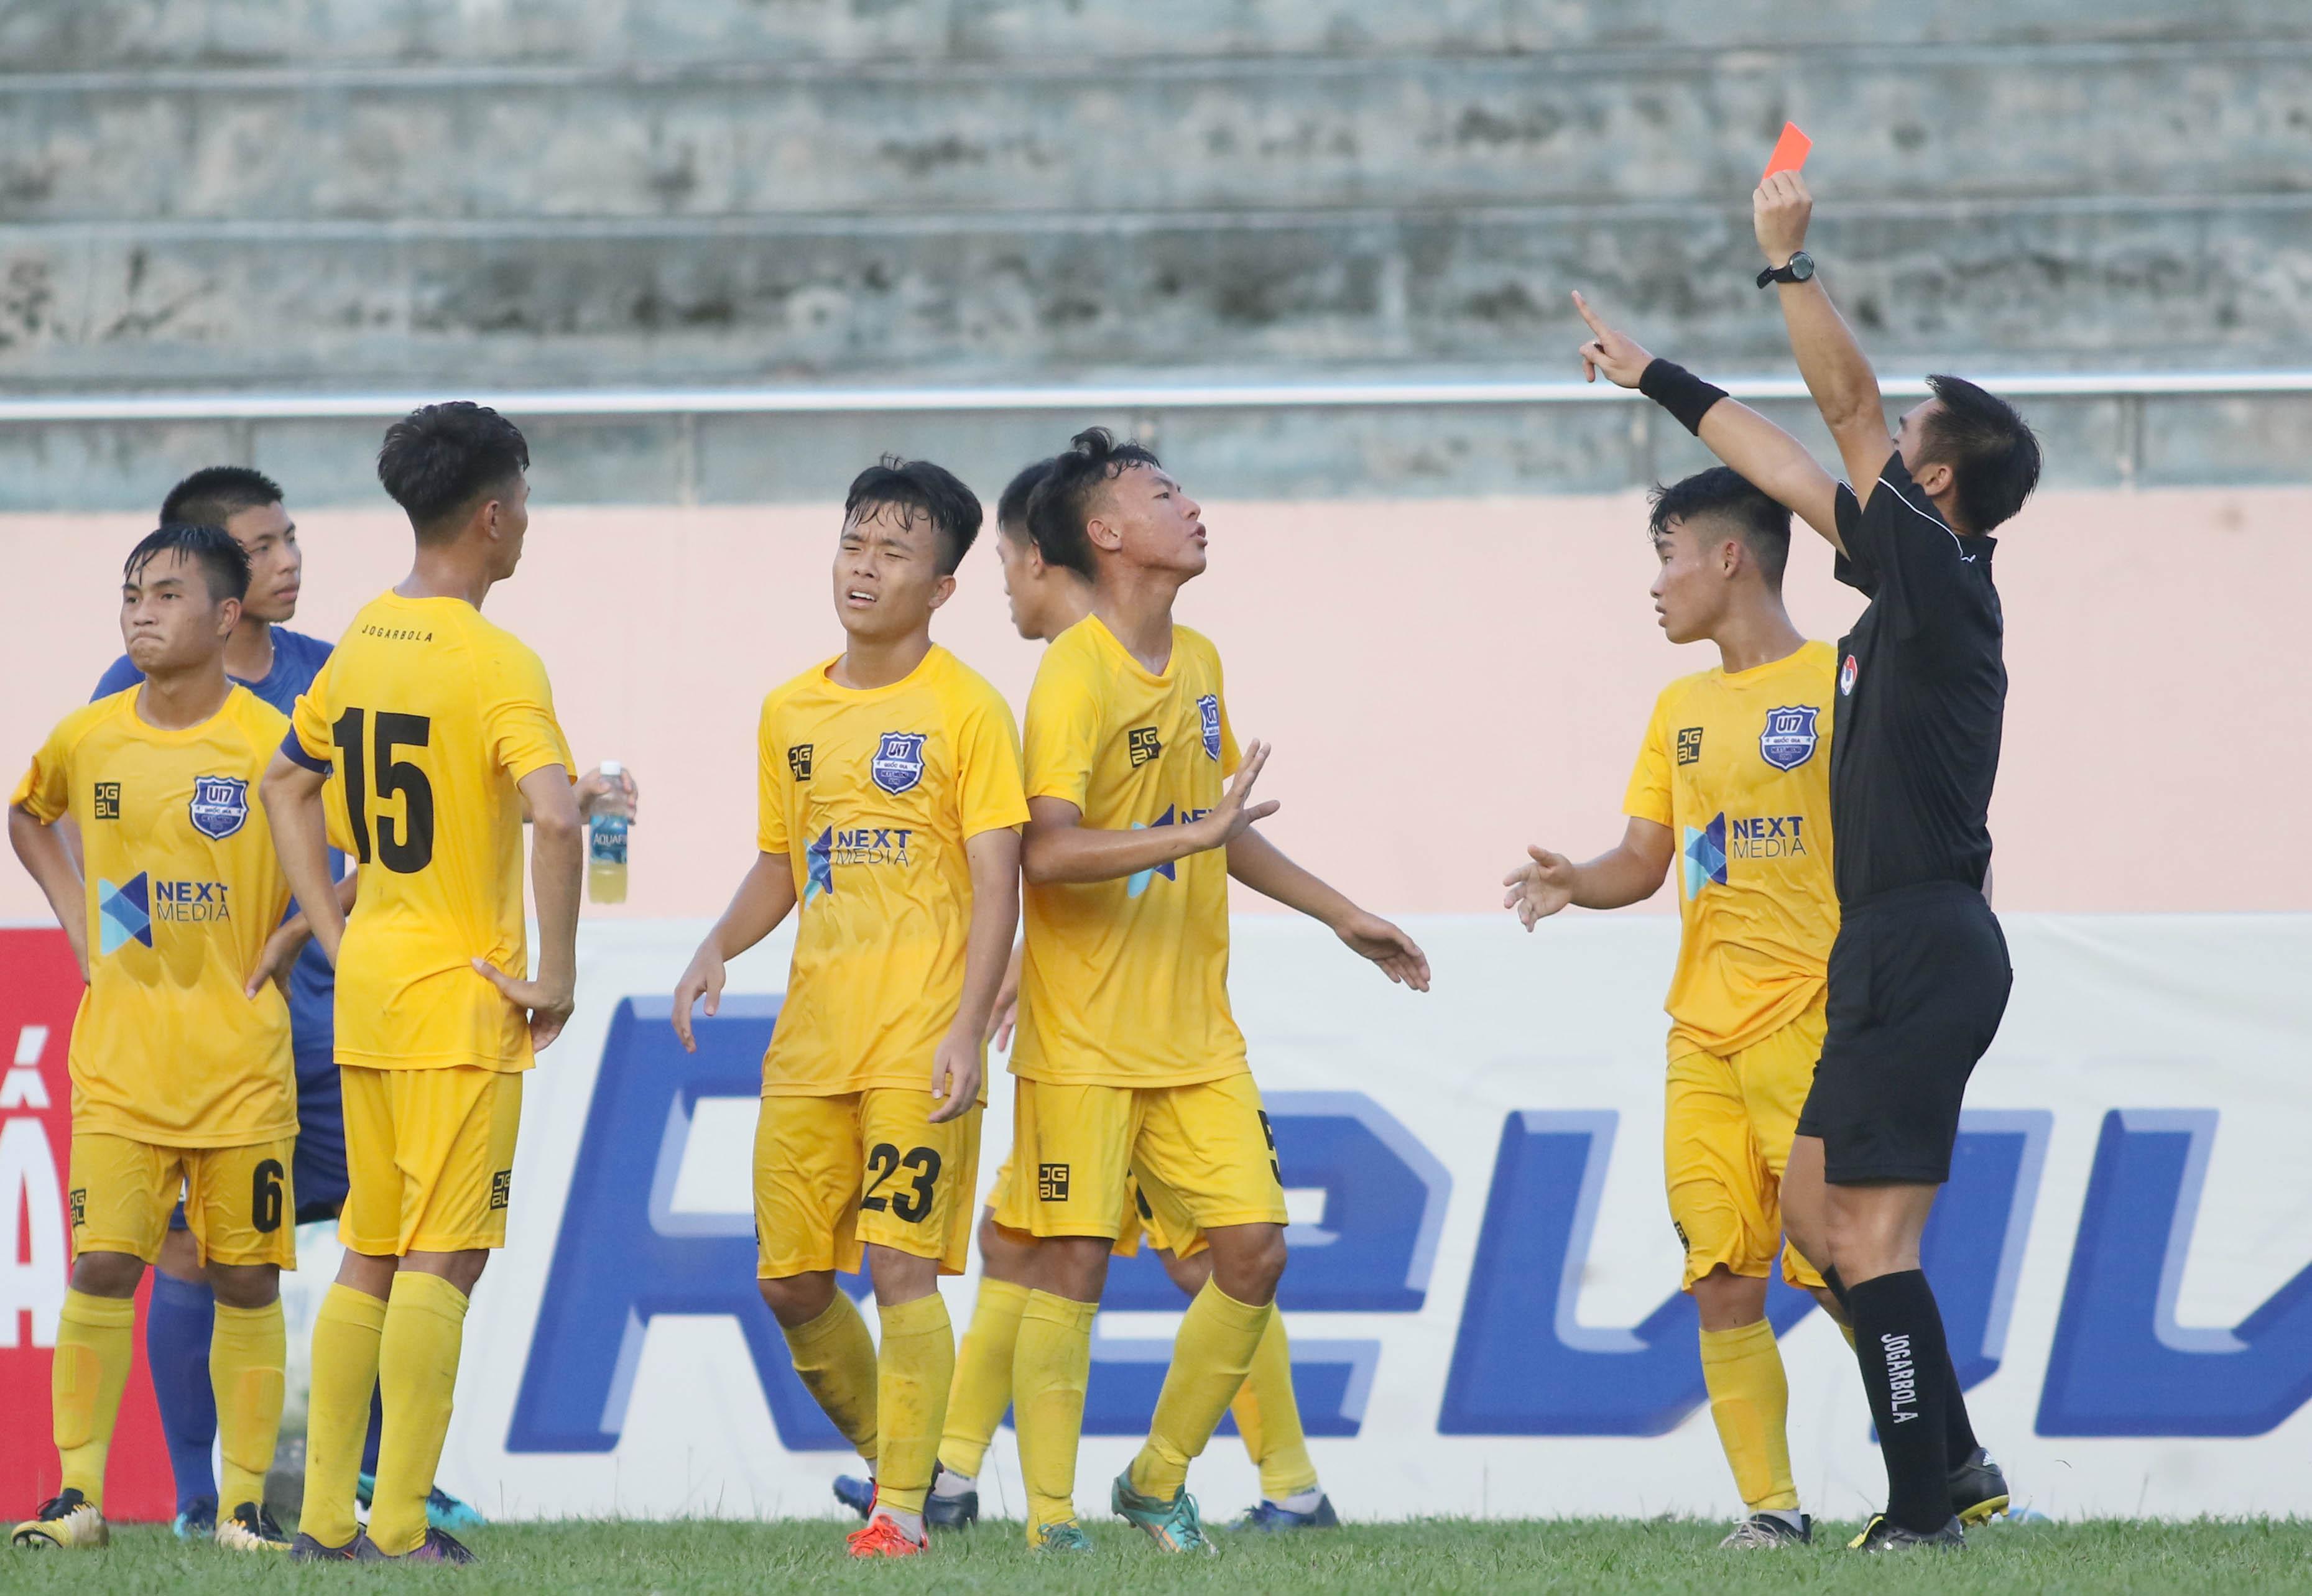 U17 Thanh Hóa bất ngờ hạ ứng viên vô địch PVF trong trận cầu 2 thẻ đỏ - Bóng Đá